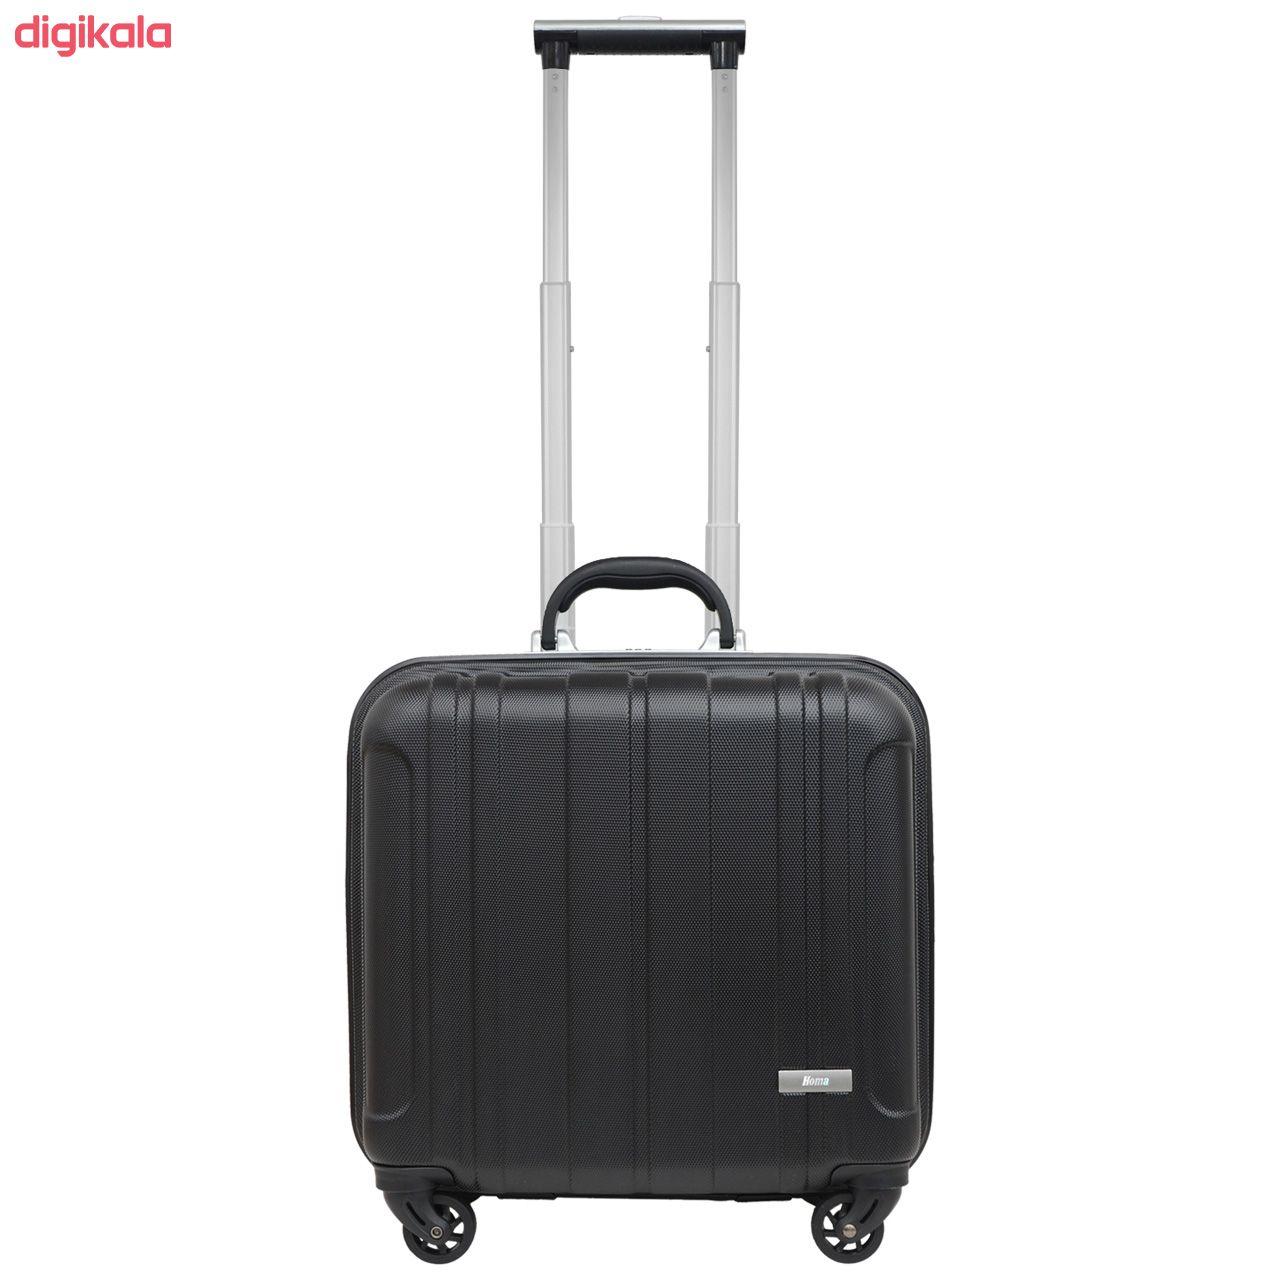 چمدان خلبانی هما مدل 600025 main 1 2